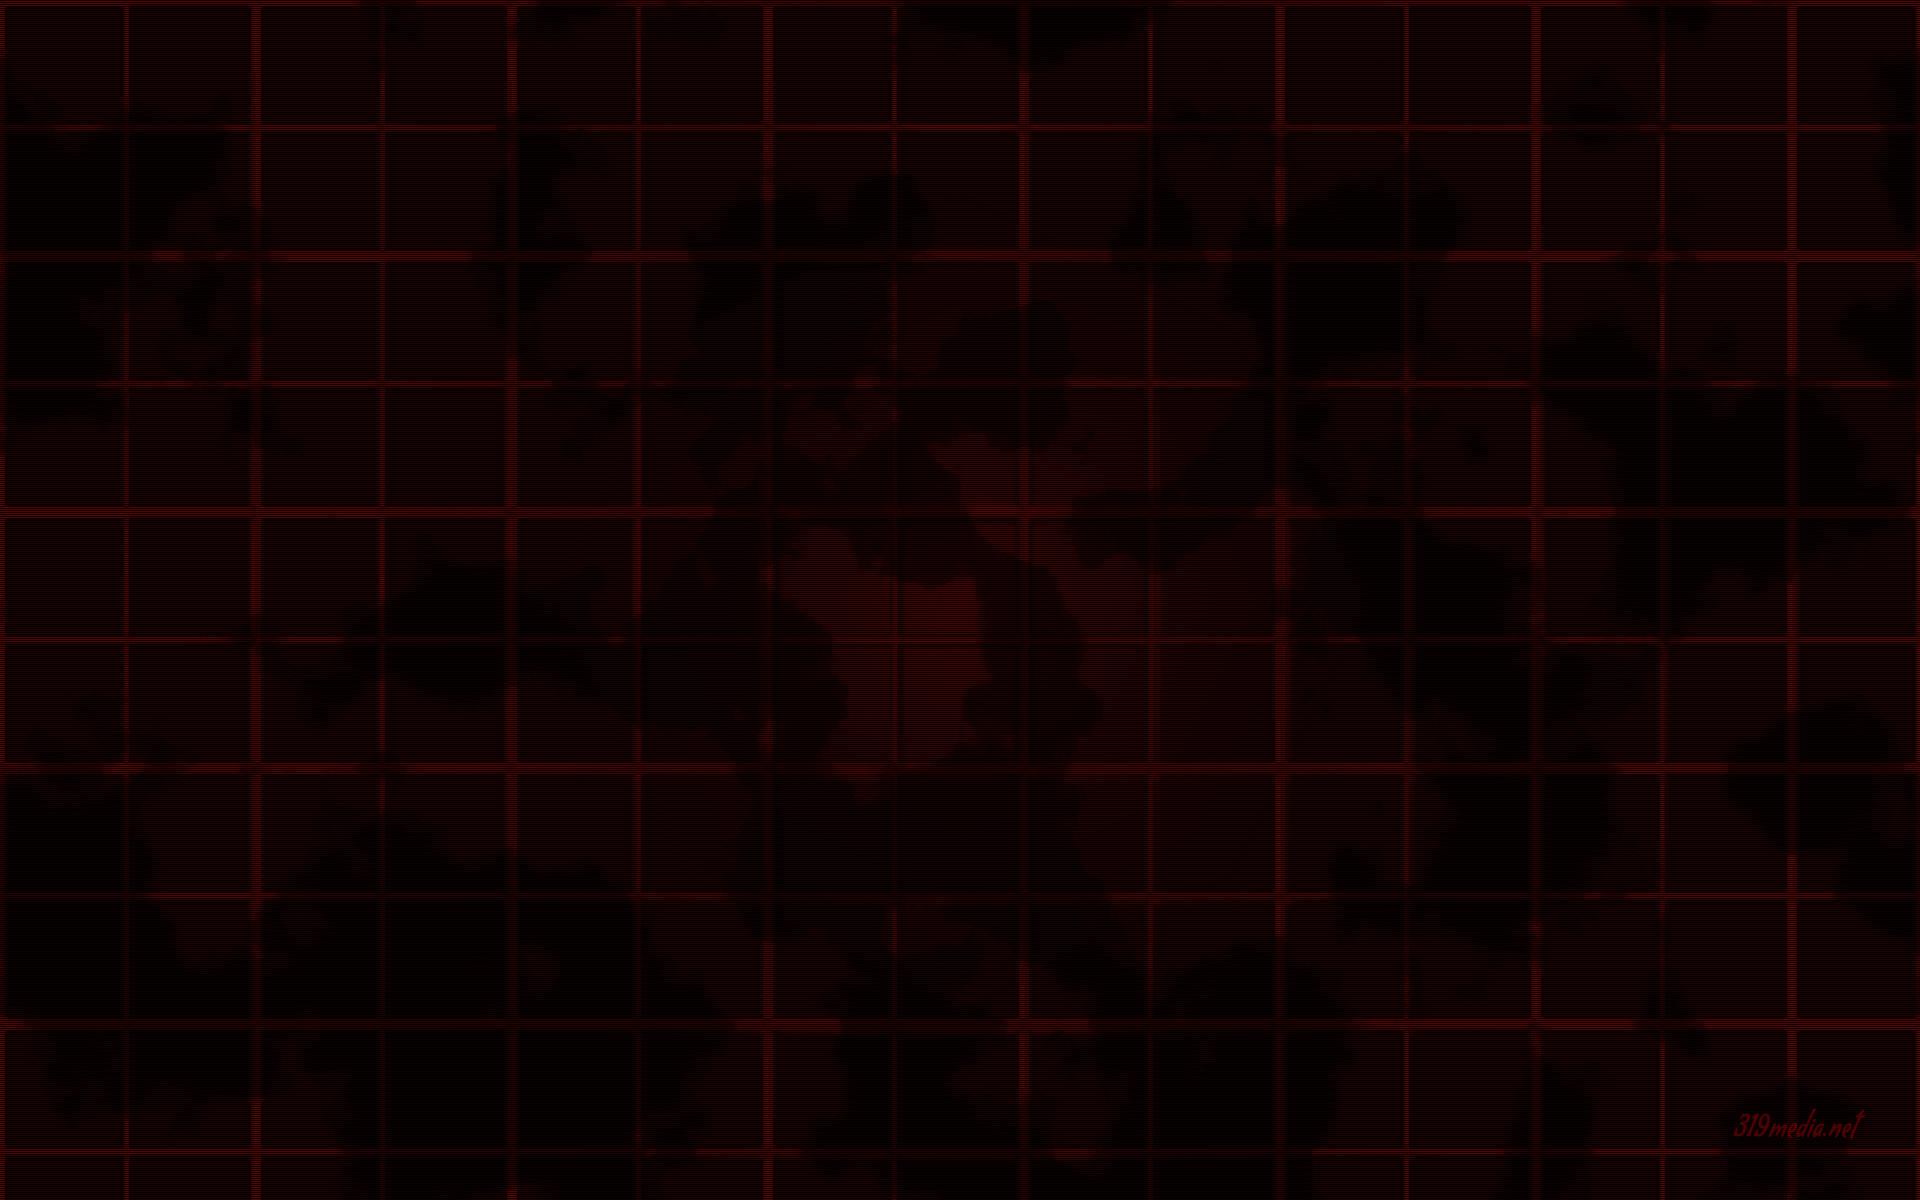 Red Widescreen Wallpaper